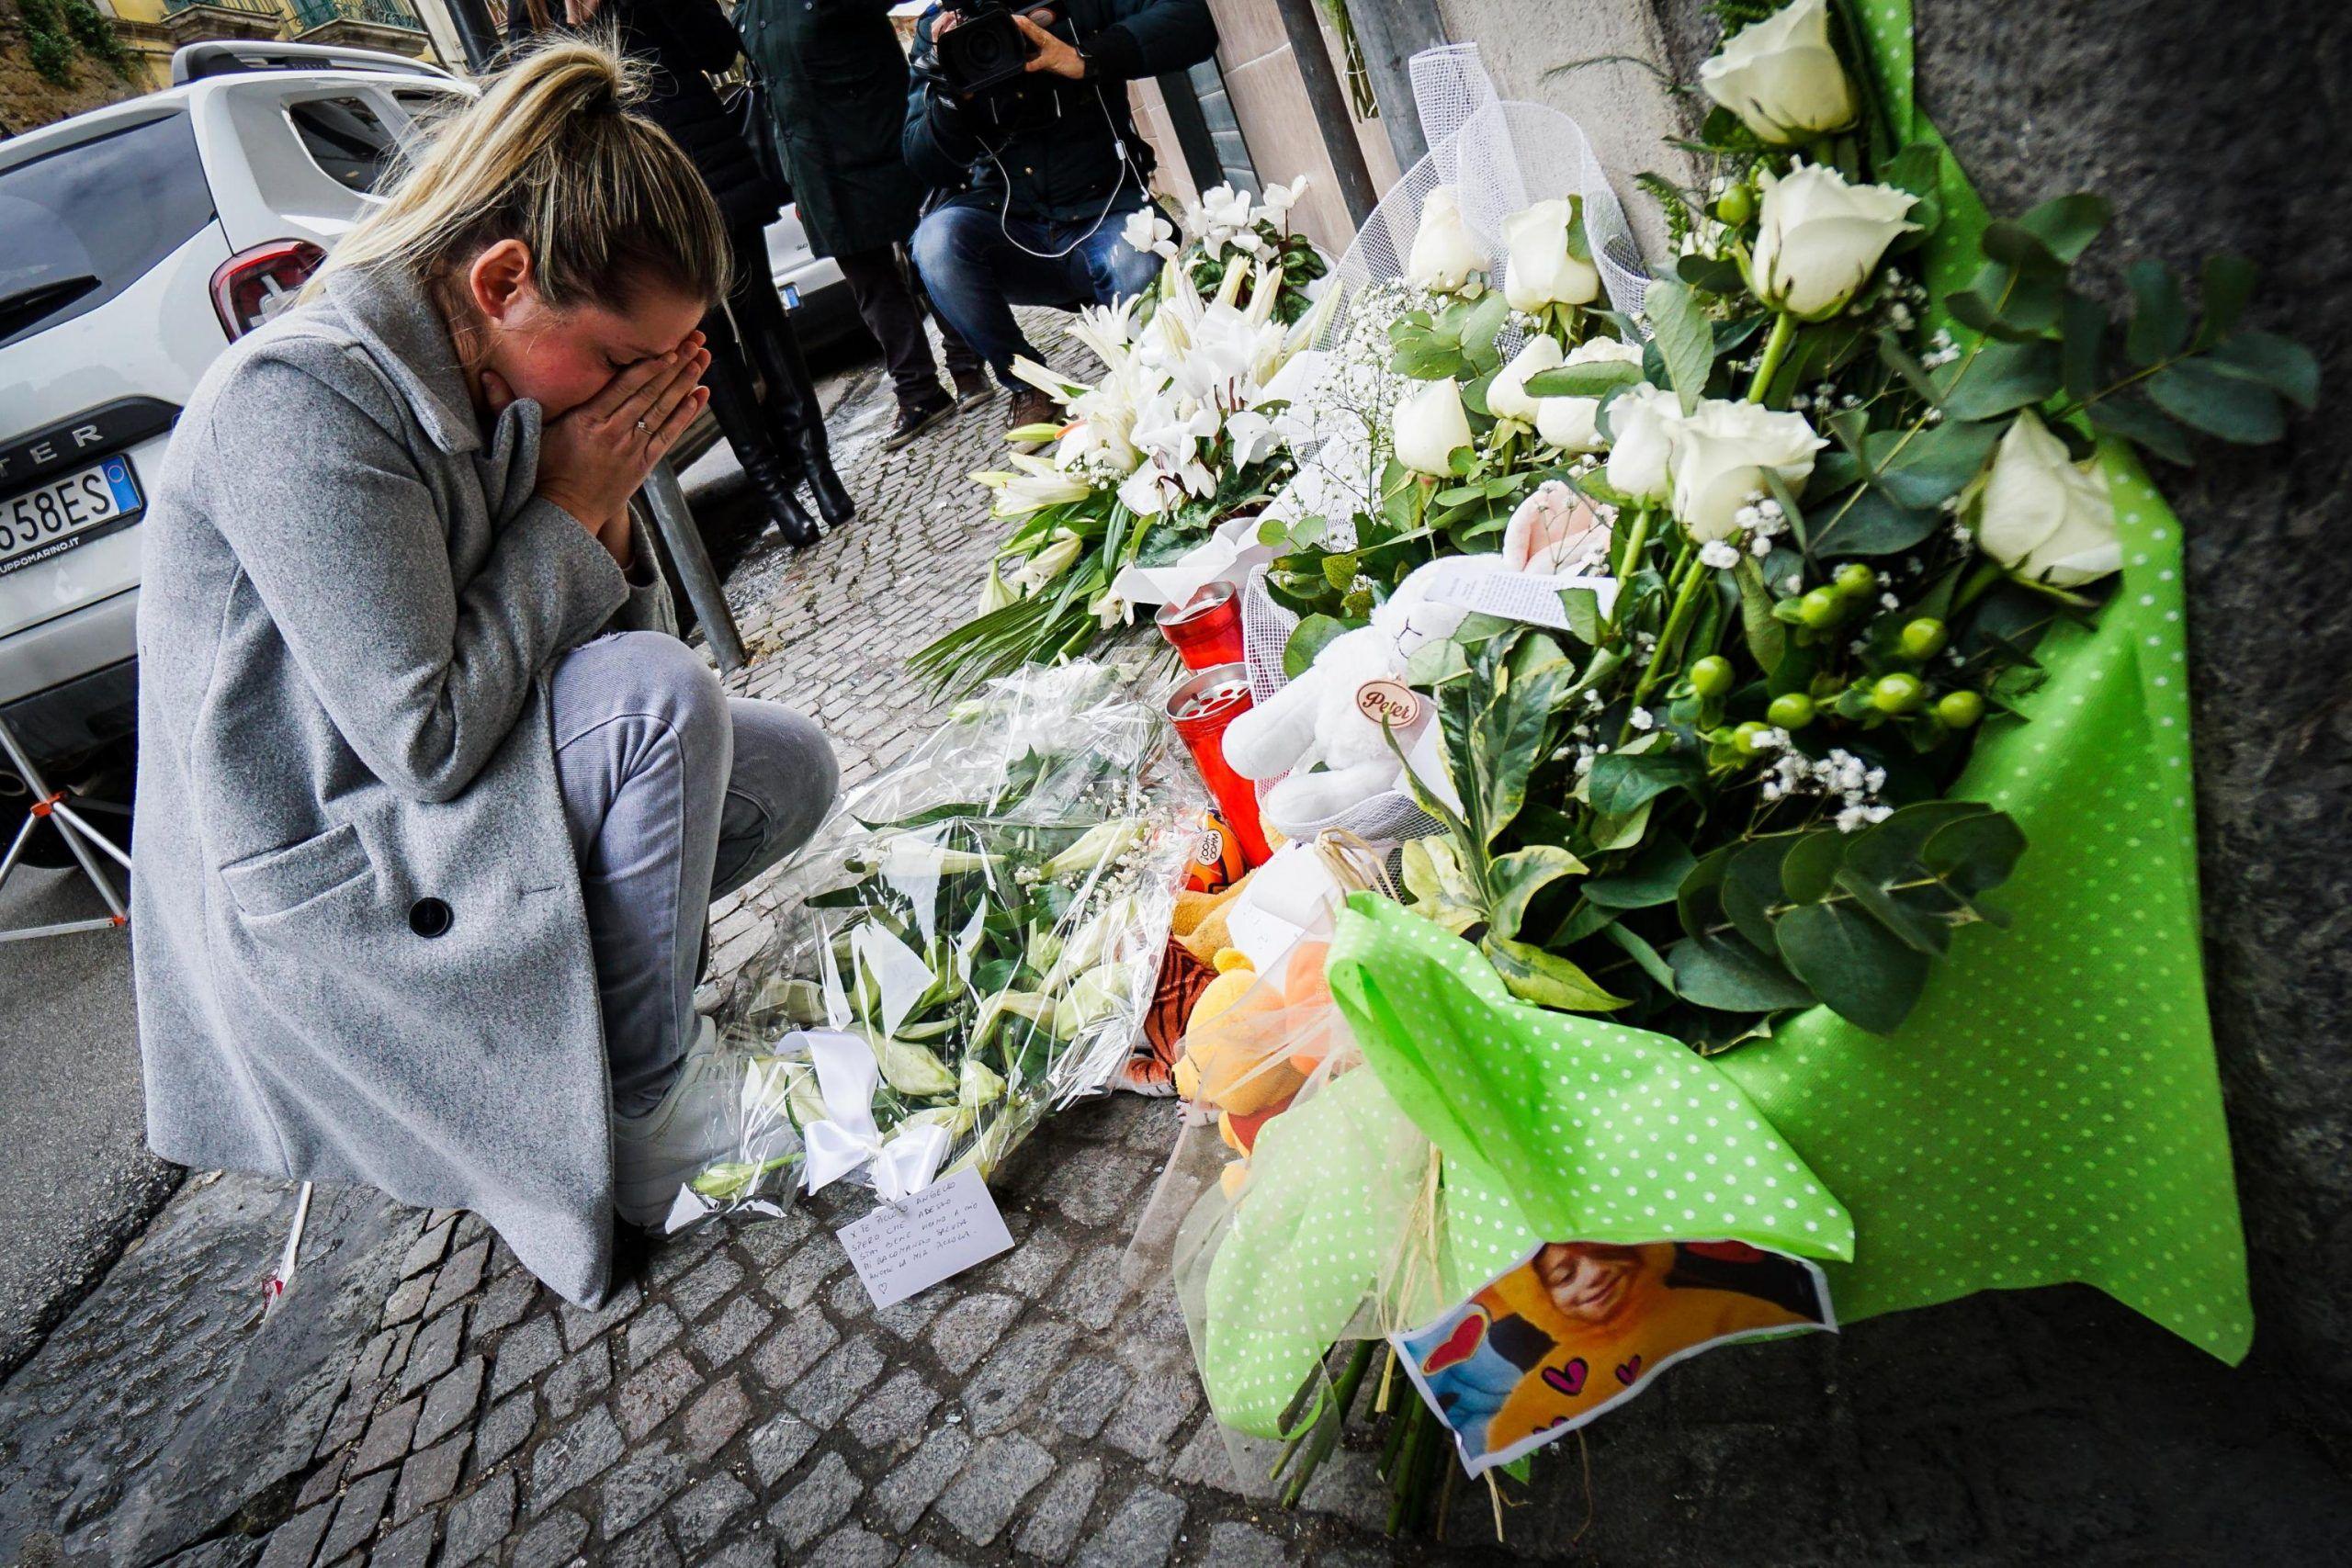 La mamma del bimbo ucciso a Cardito: 'Ero scioccata, non riuscivo a muovermi'